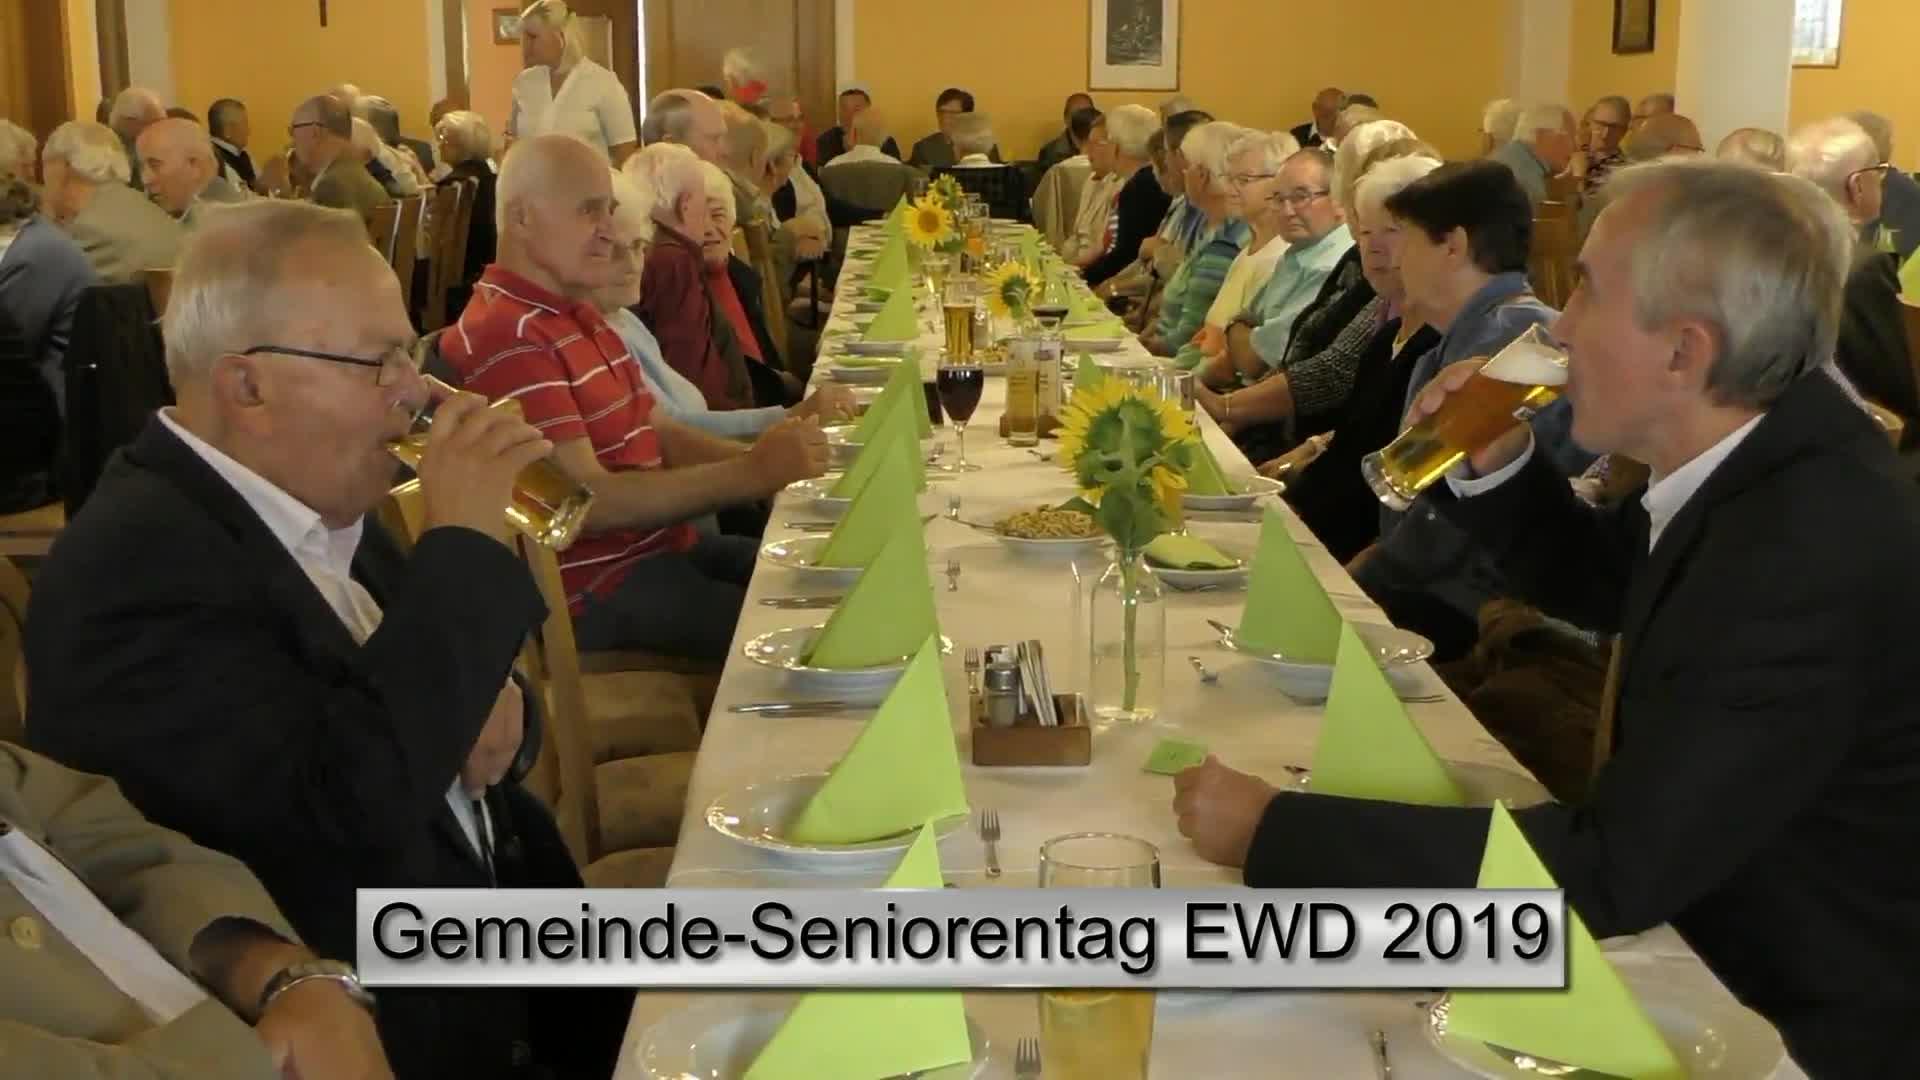 Gemeinde-Seniorentag EWD 2019